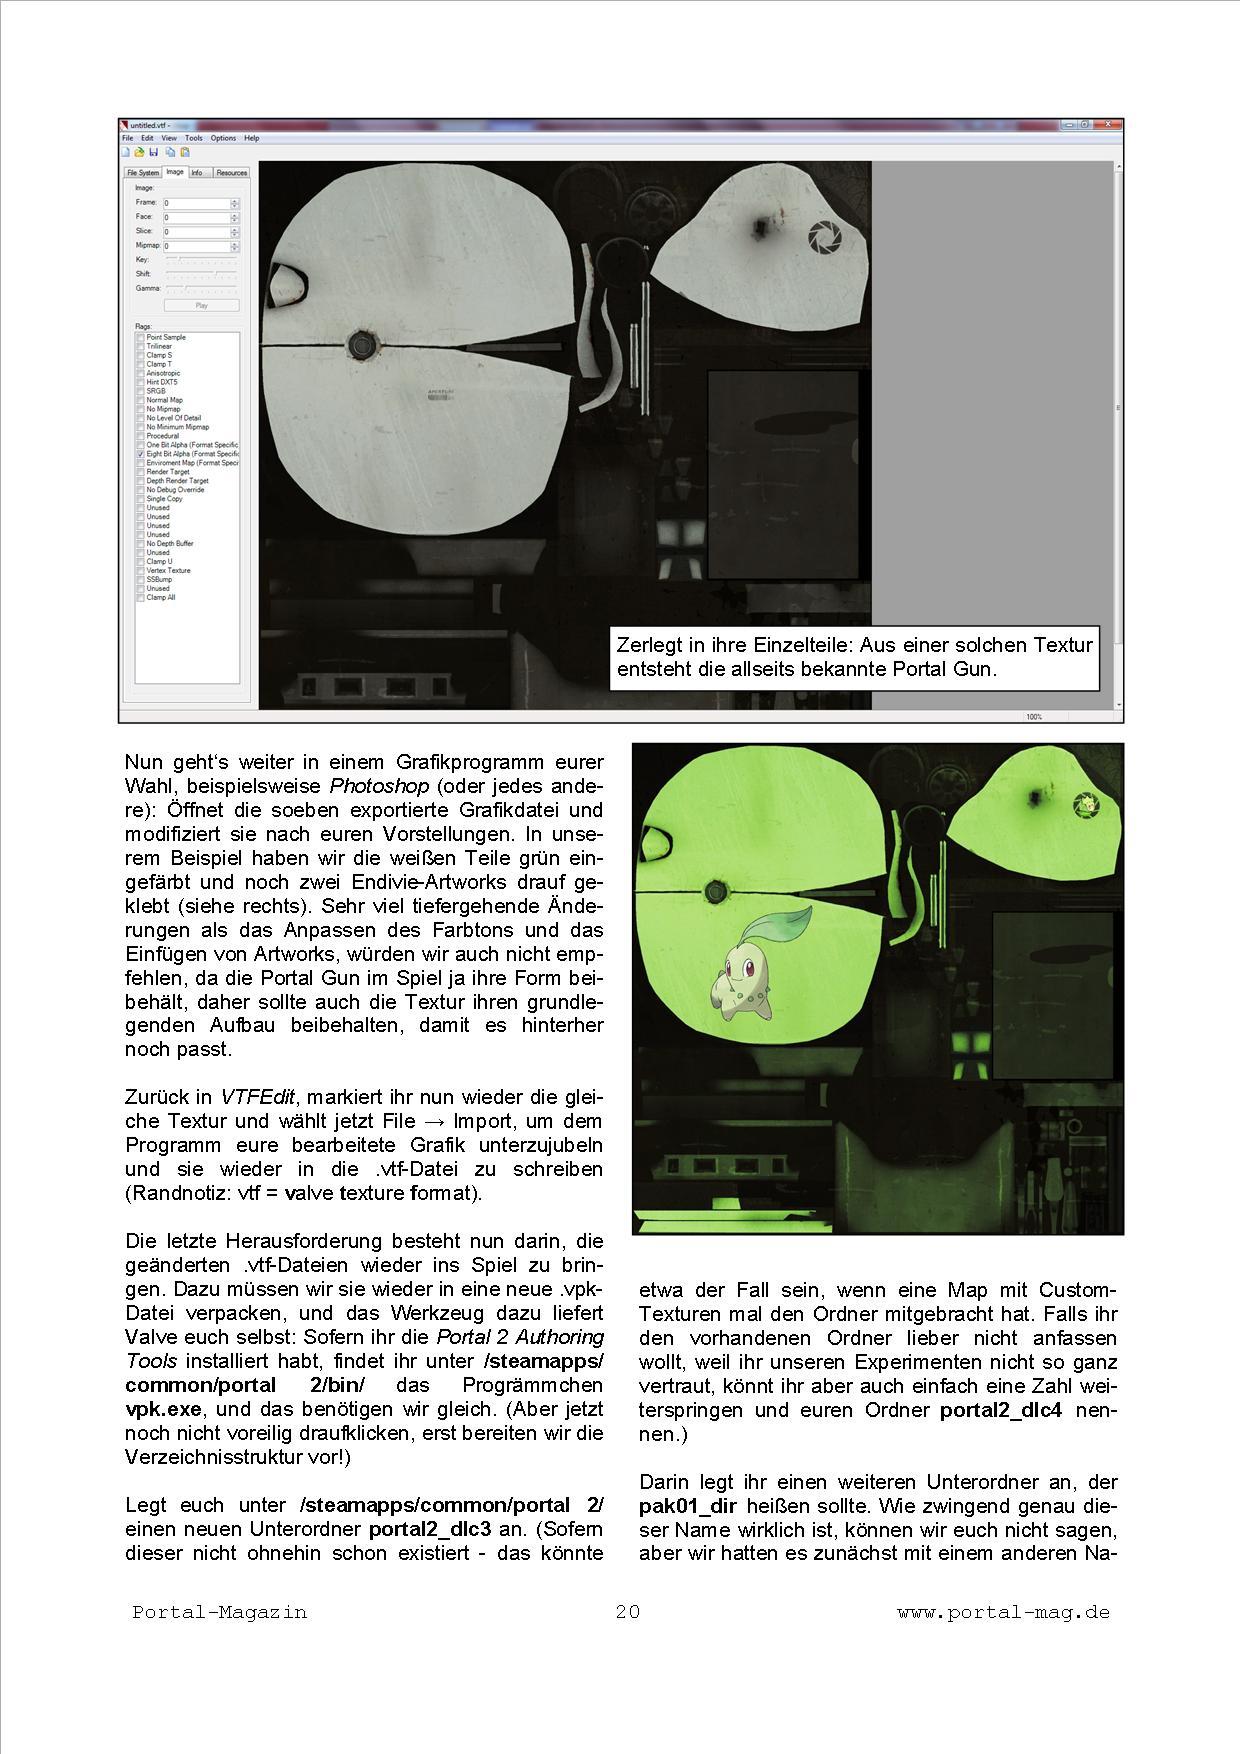 Ausgabe 36, Seite 20